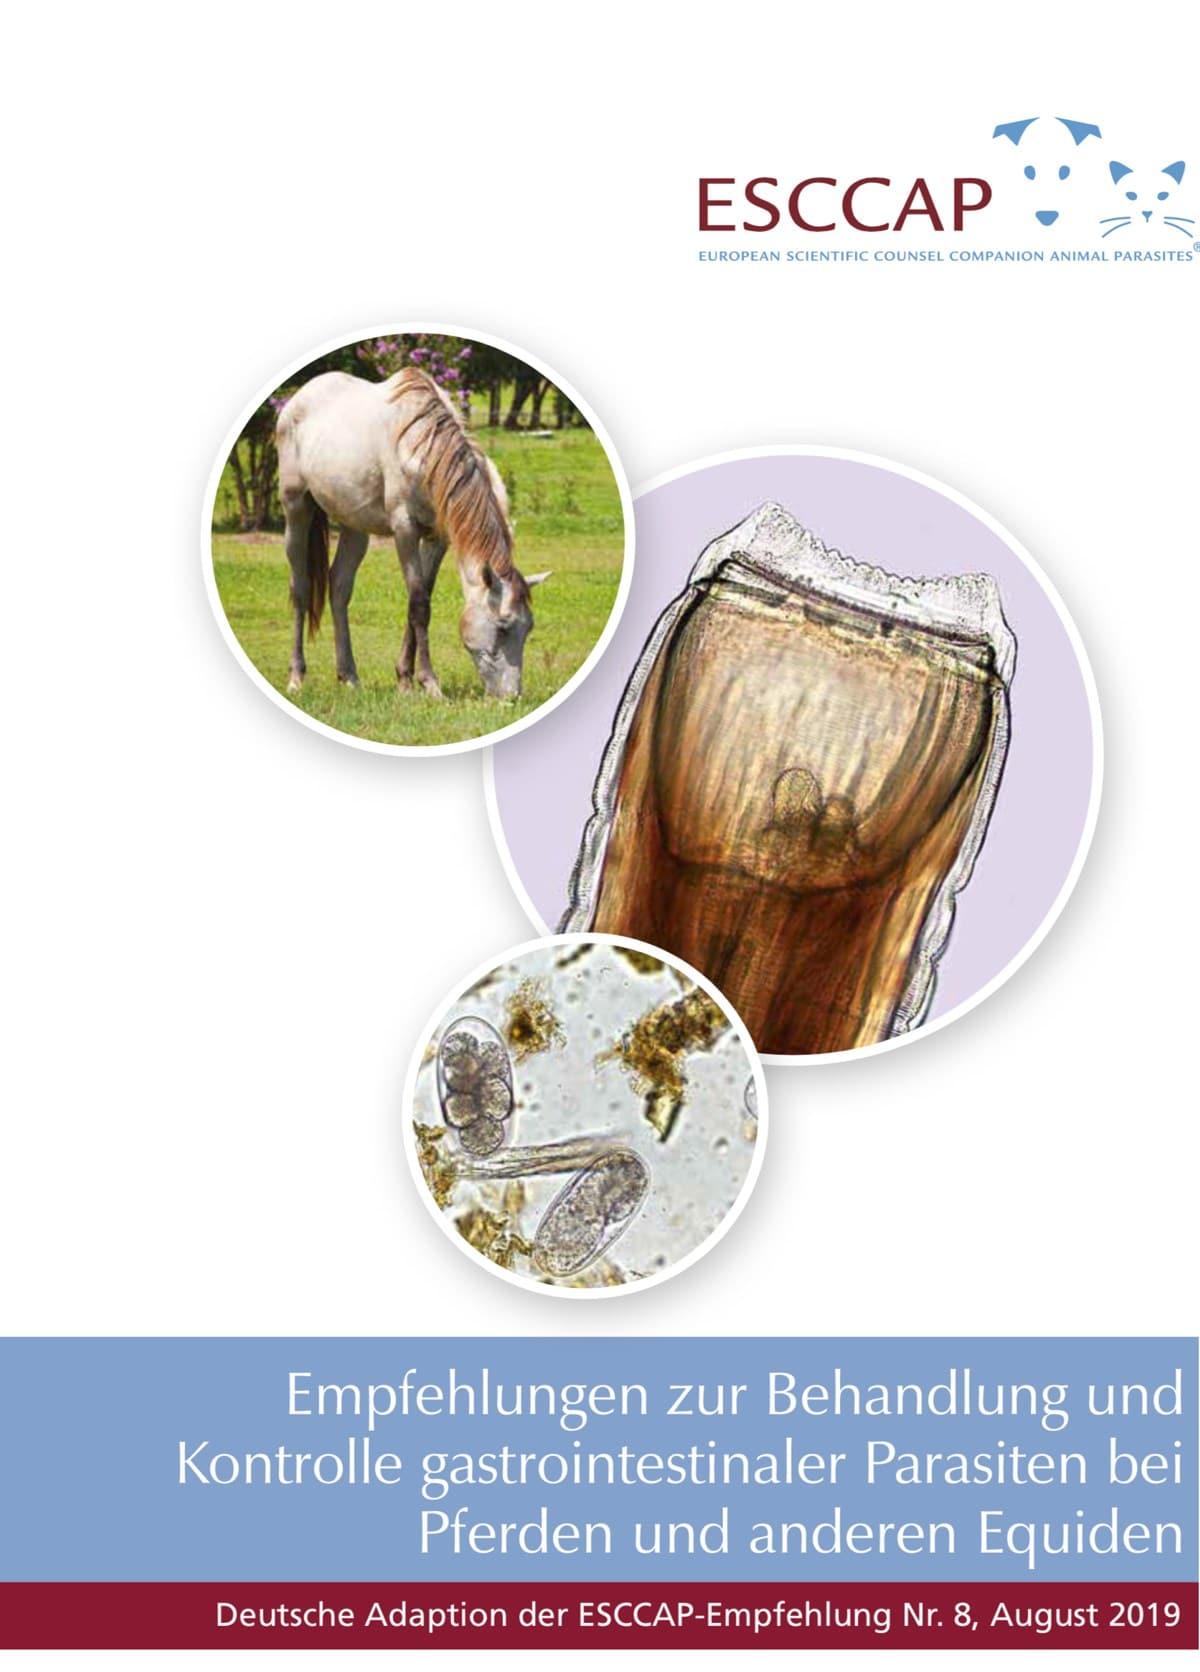 Empfehlung zu gastrointestinalen Parasiten beim Pferd als Heft